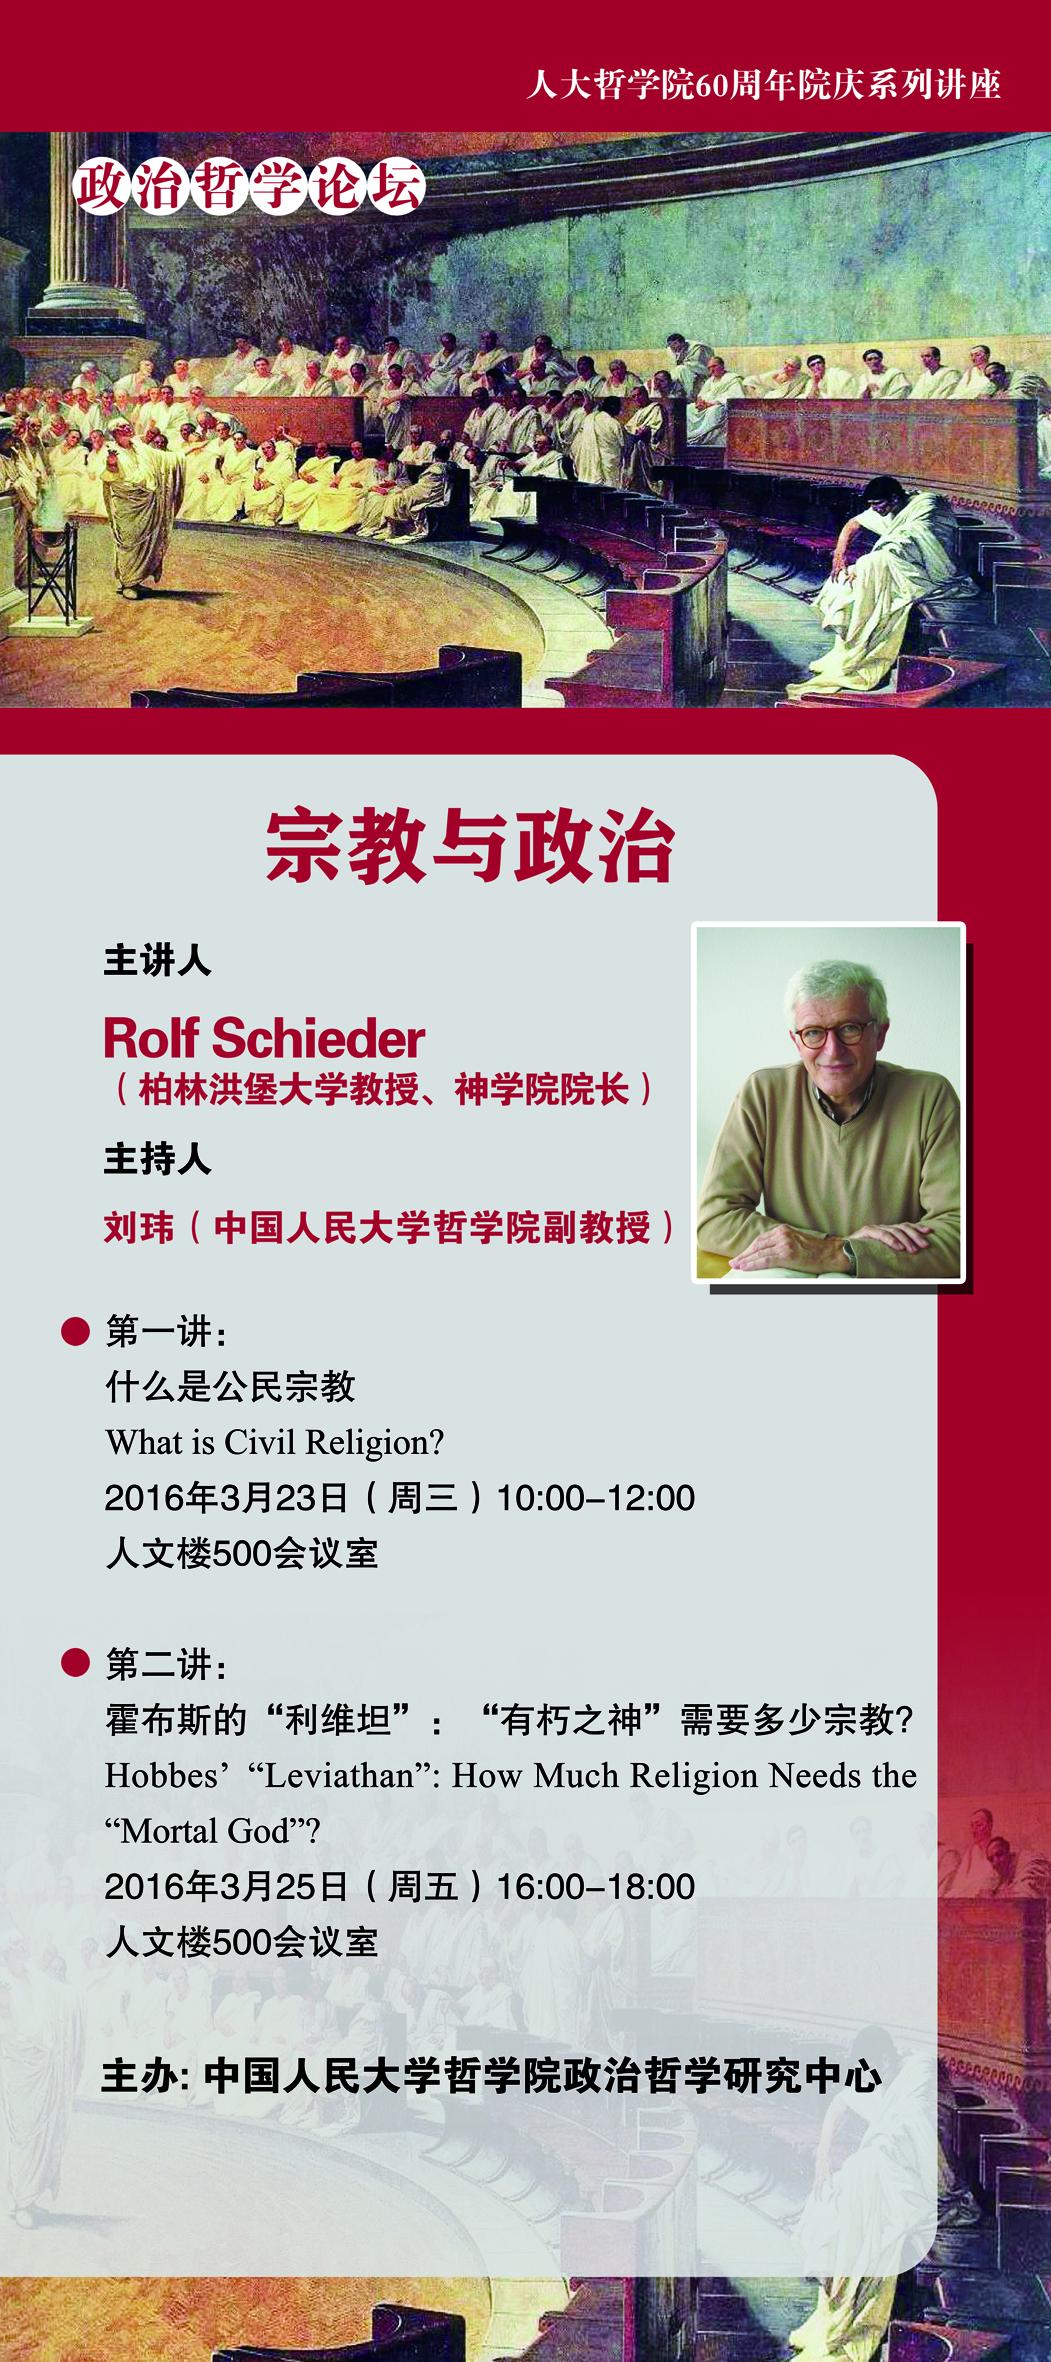 Plakat Renmin